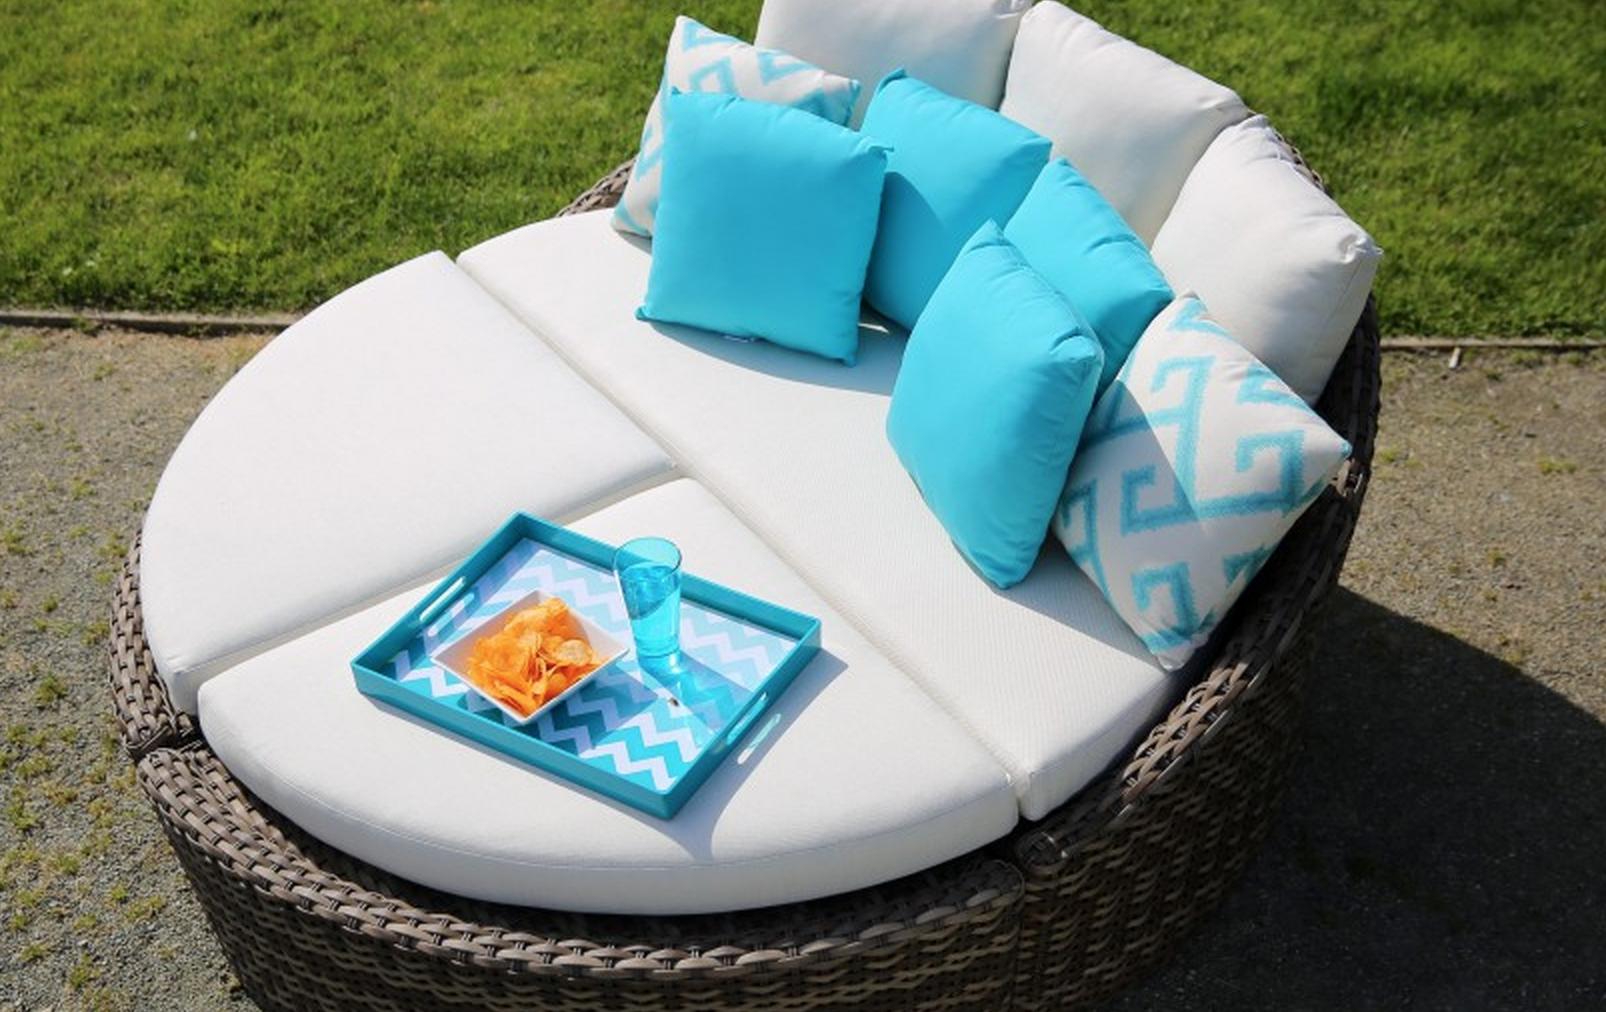 Ratana Orlando Collection - Ratana outdoor furniture